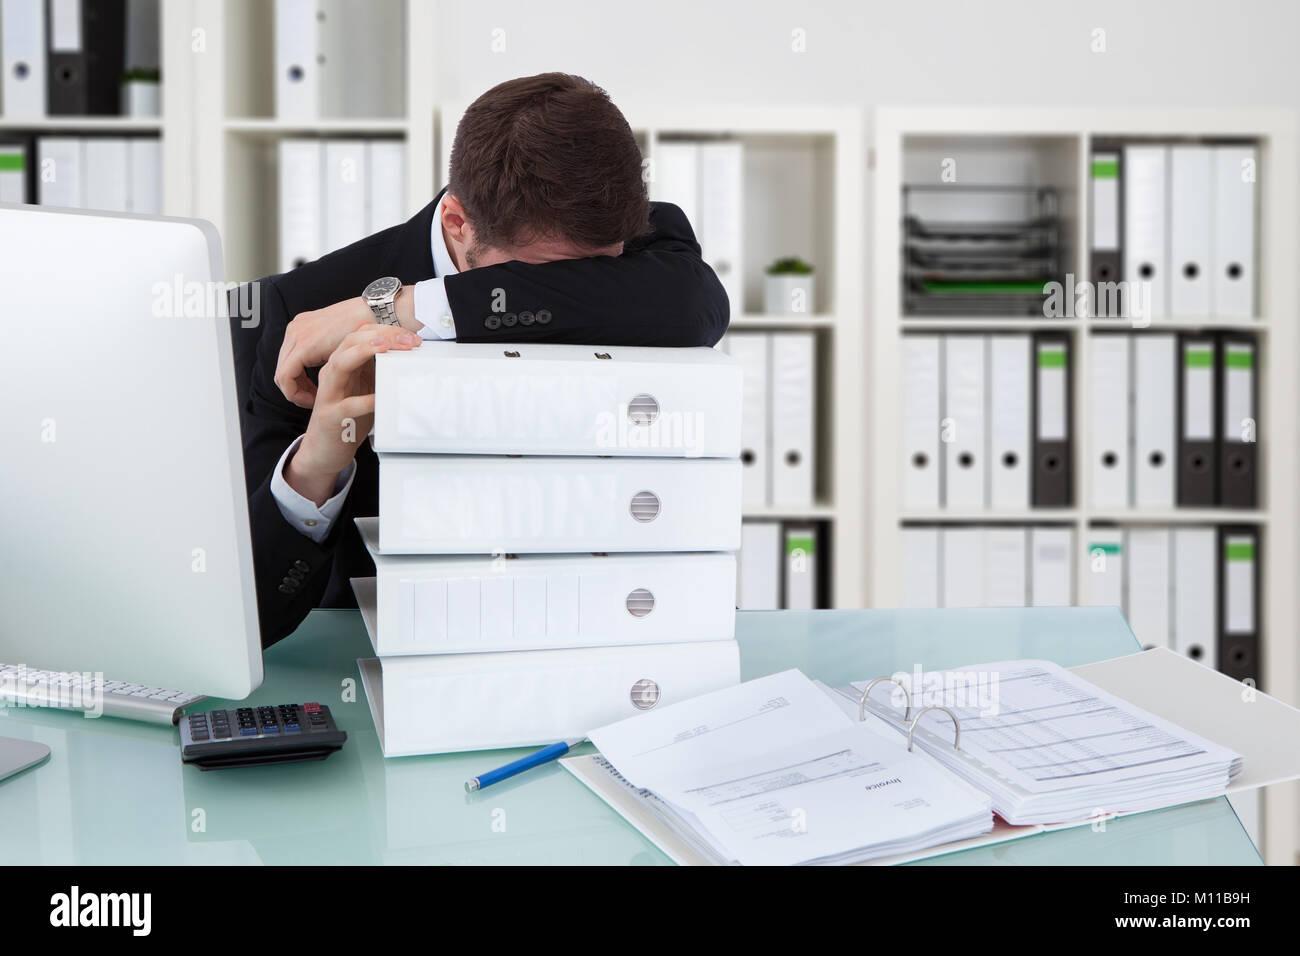 Imprenditore di dormire sulla pila di cartelle in ufficio Immagini Stock